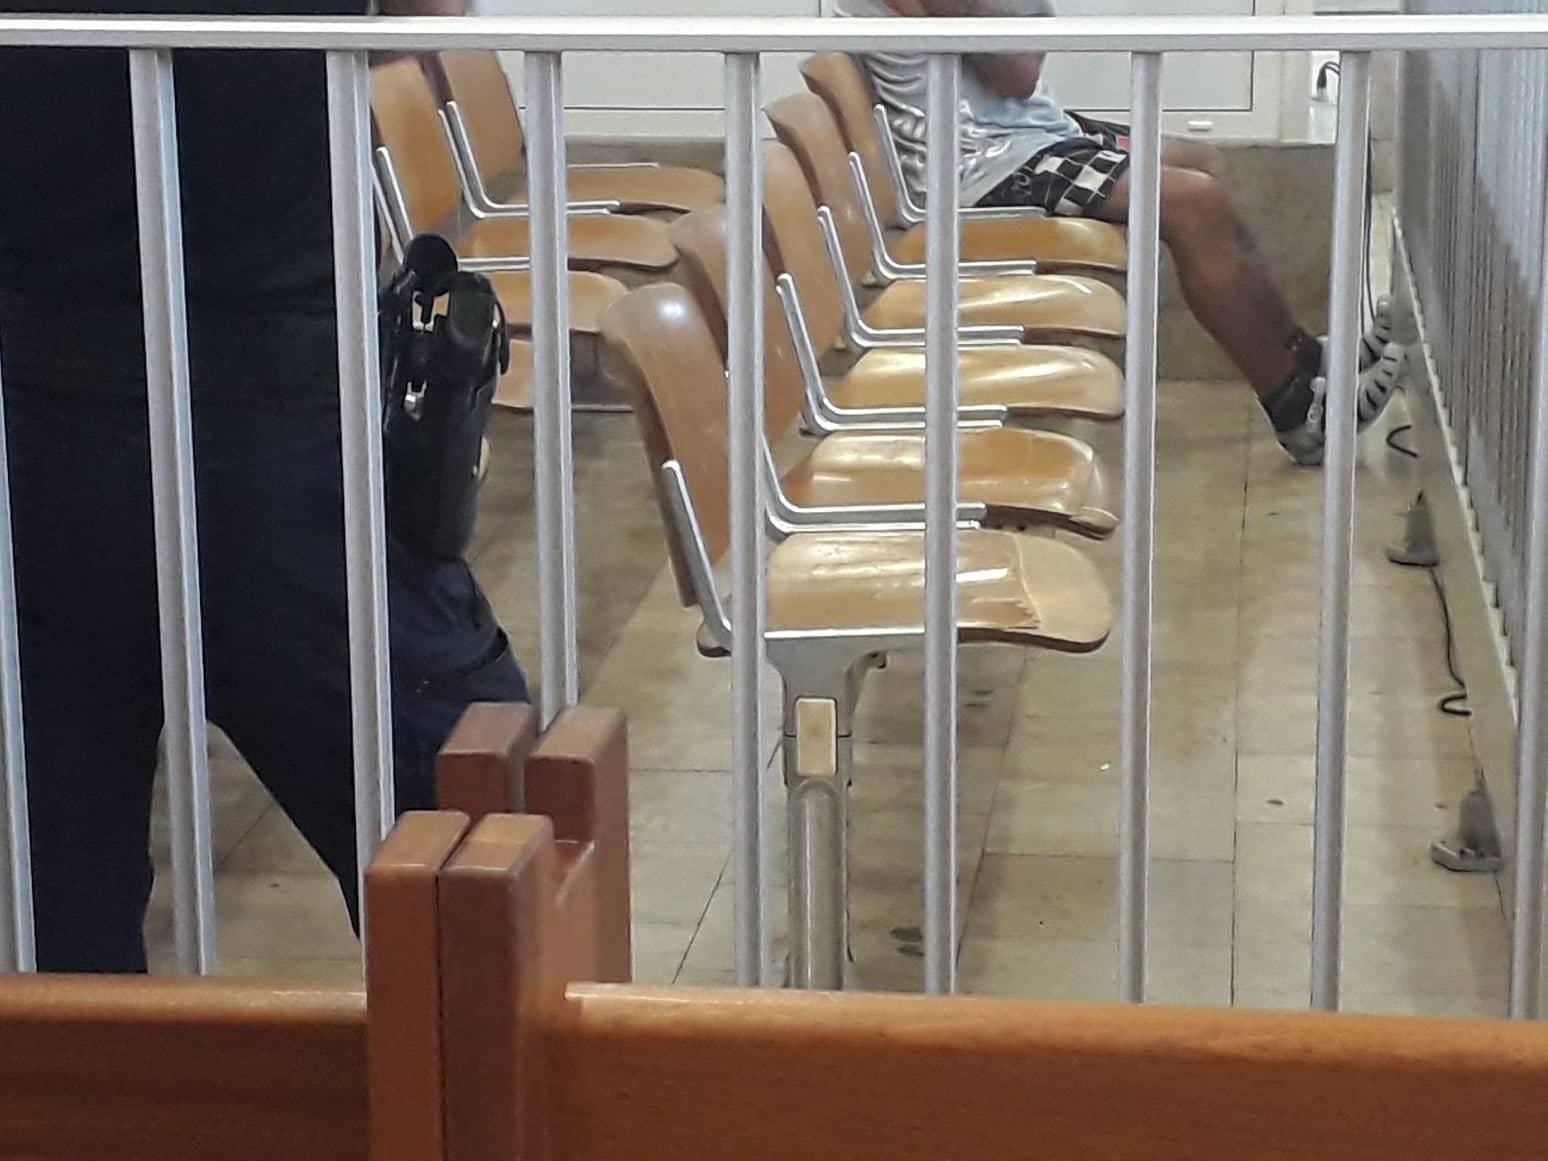 Paea : L'auteur des coups de feu placé en détention provisoire